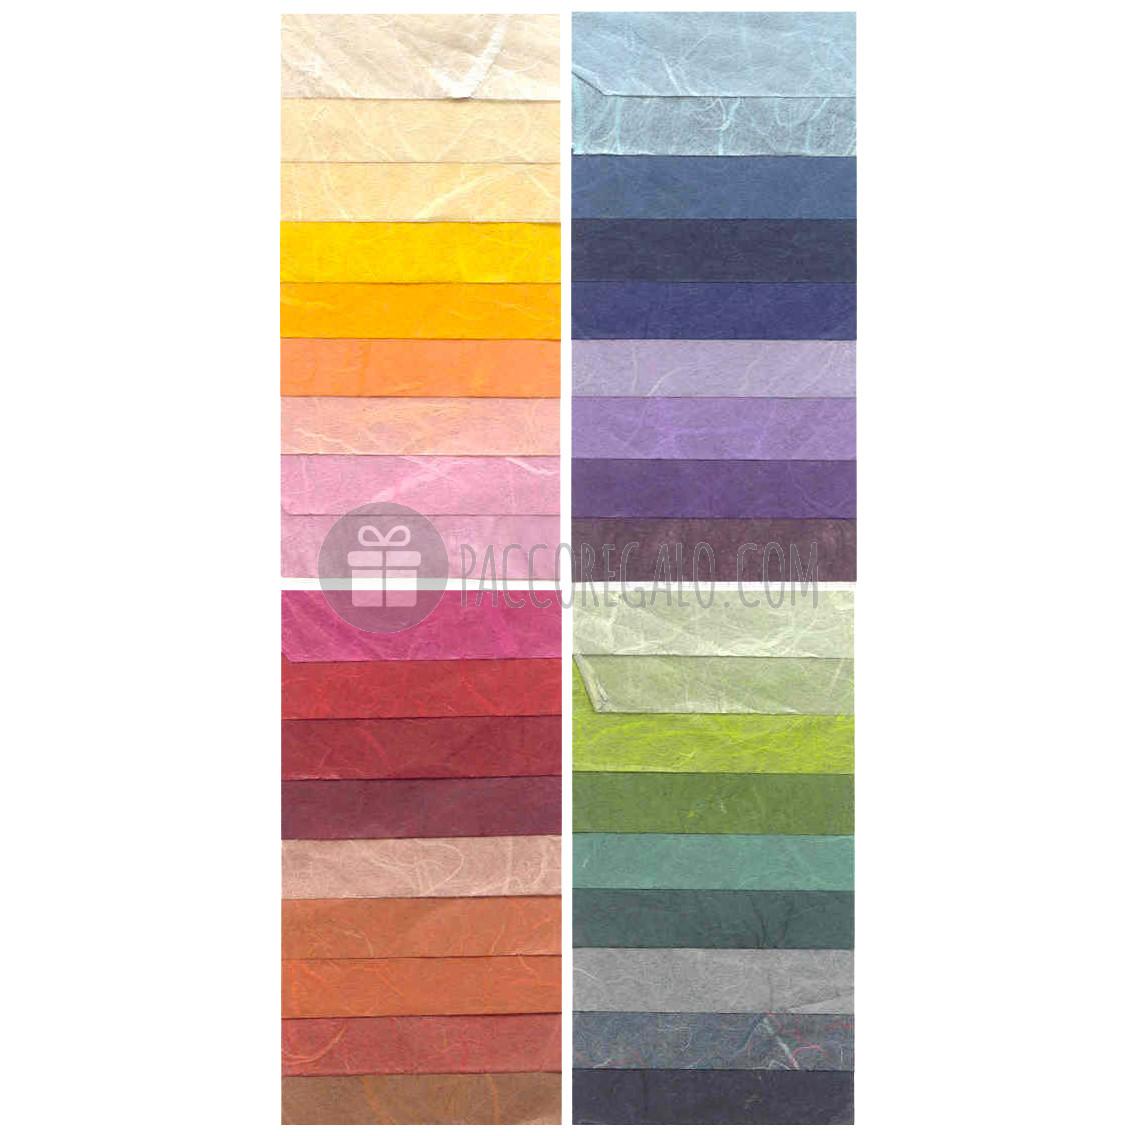 Carta di riso confezioni da 25 fogli vendita by pacco for Tende carta di riso